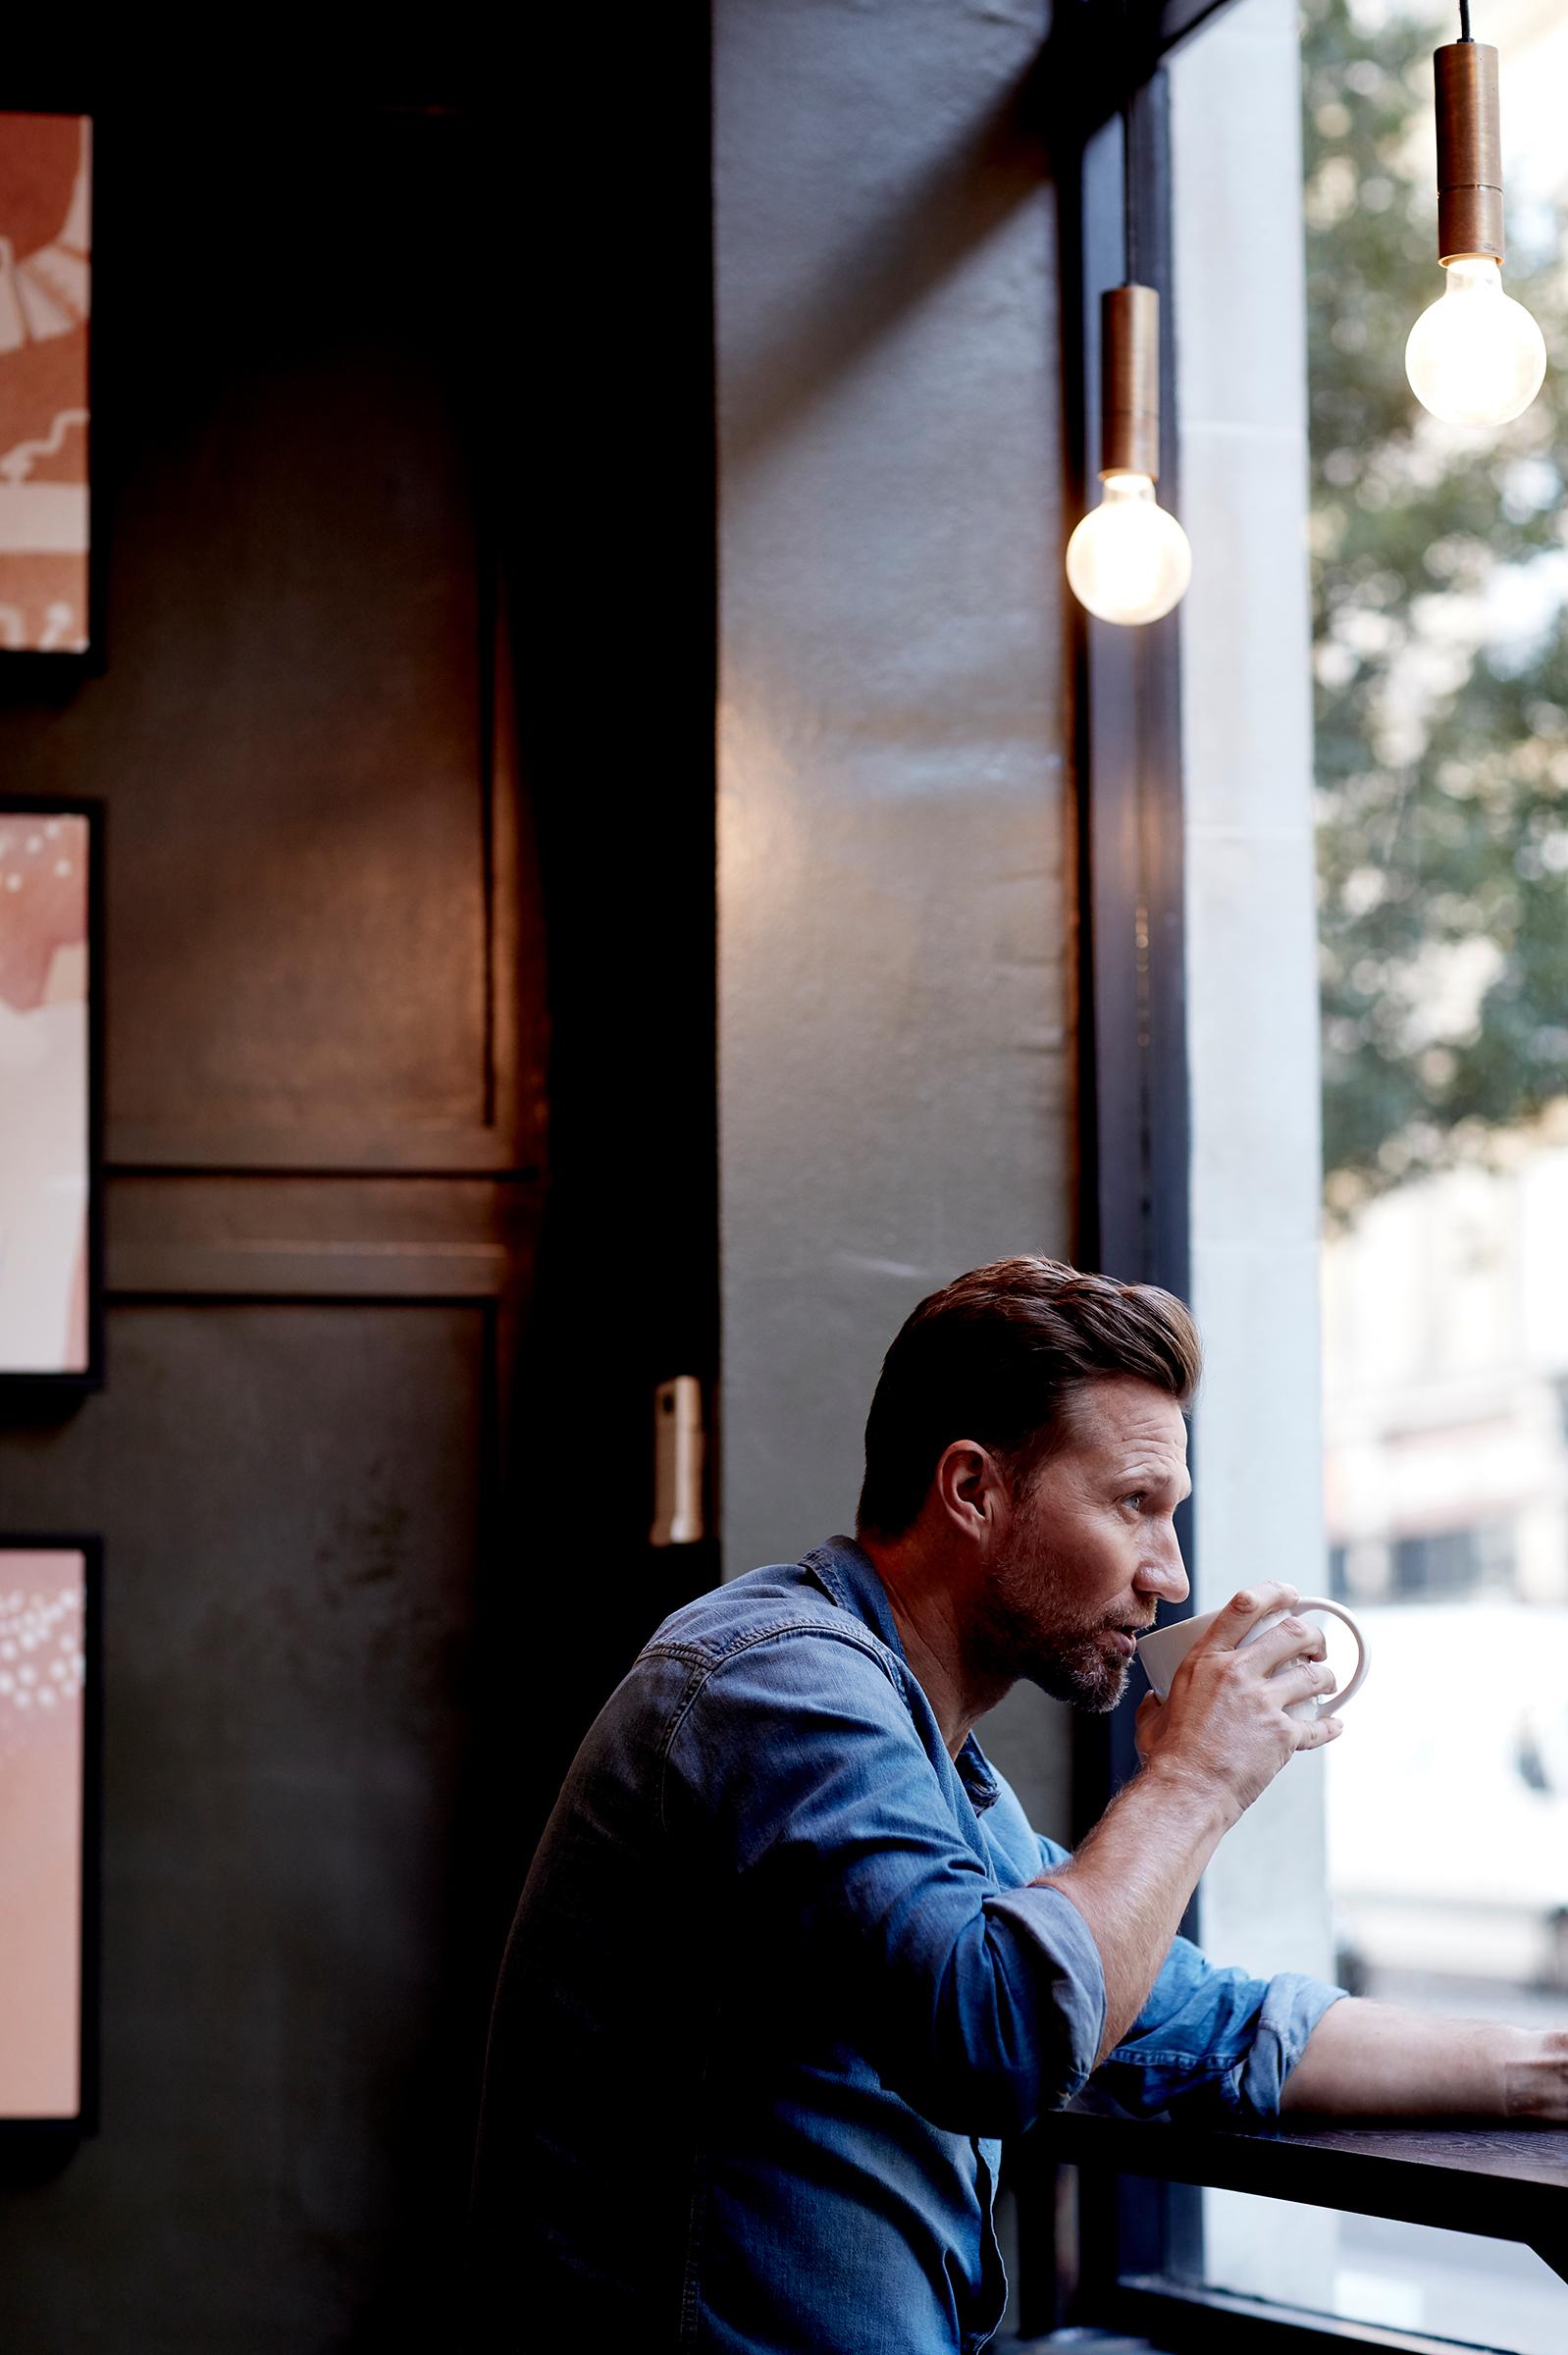 21-9-18-Starbucks12780.jpg